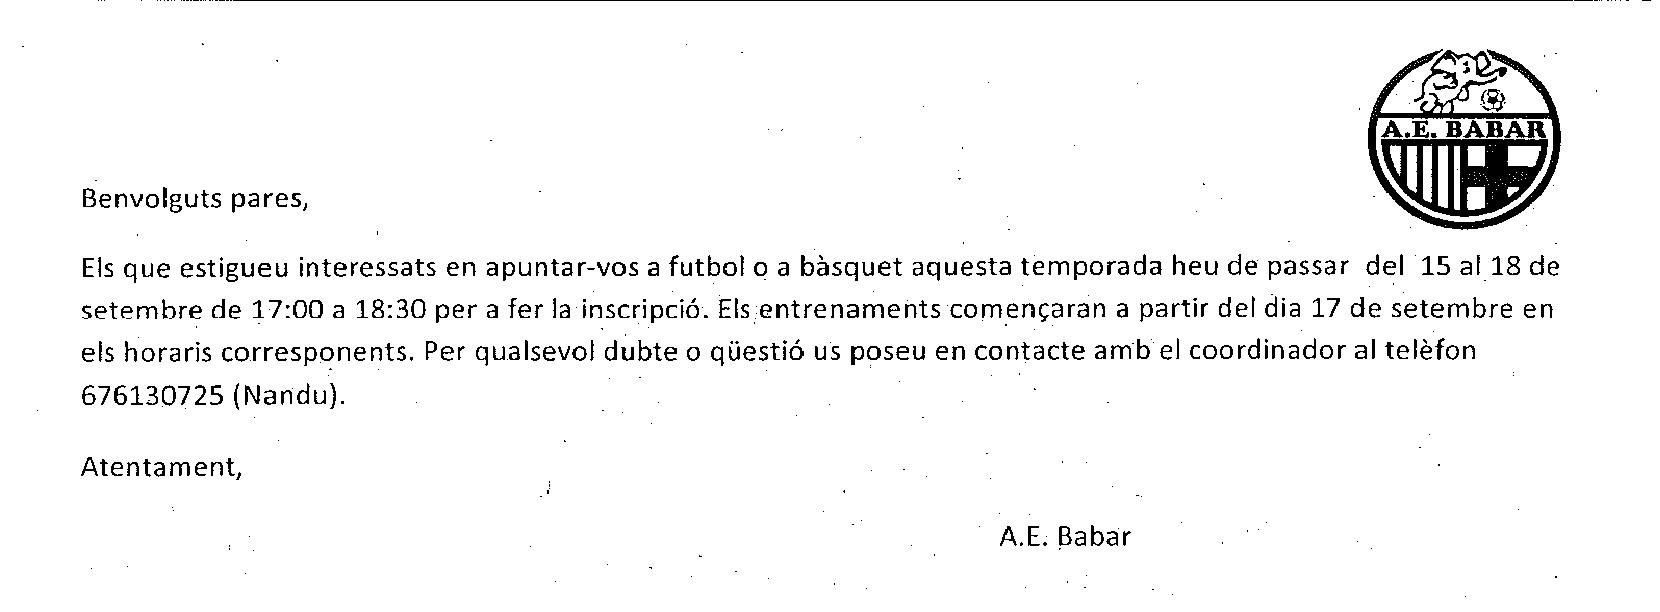 ACTIVITATS EN HORARI NO LECTIU (A.E. BABAR)